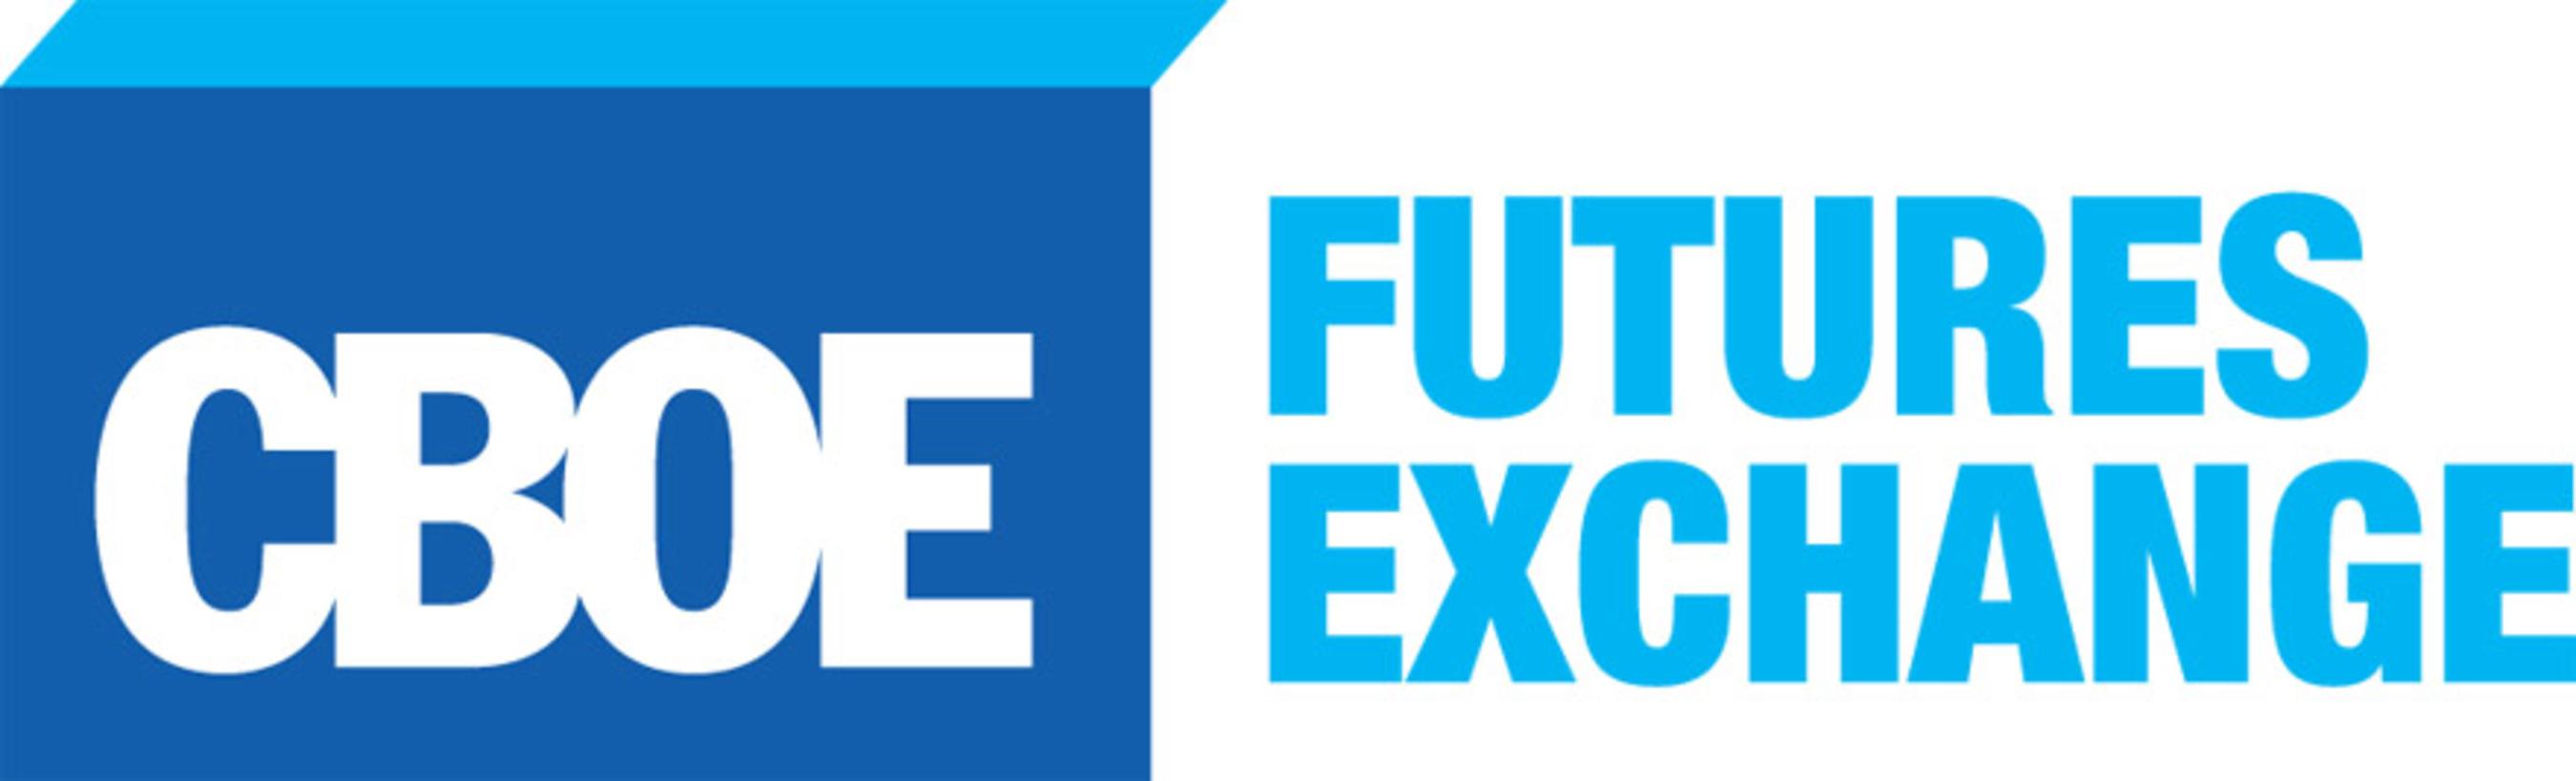 CBOE Futures Exchange (CFE) logo.